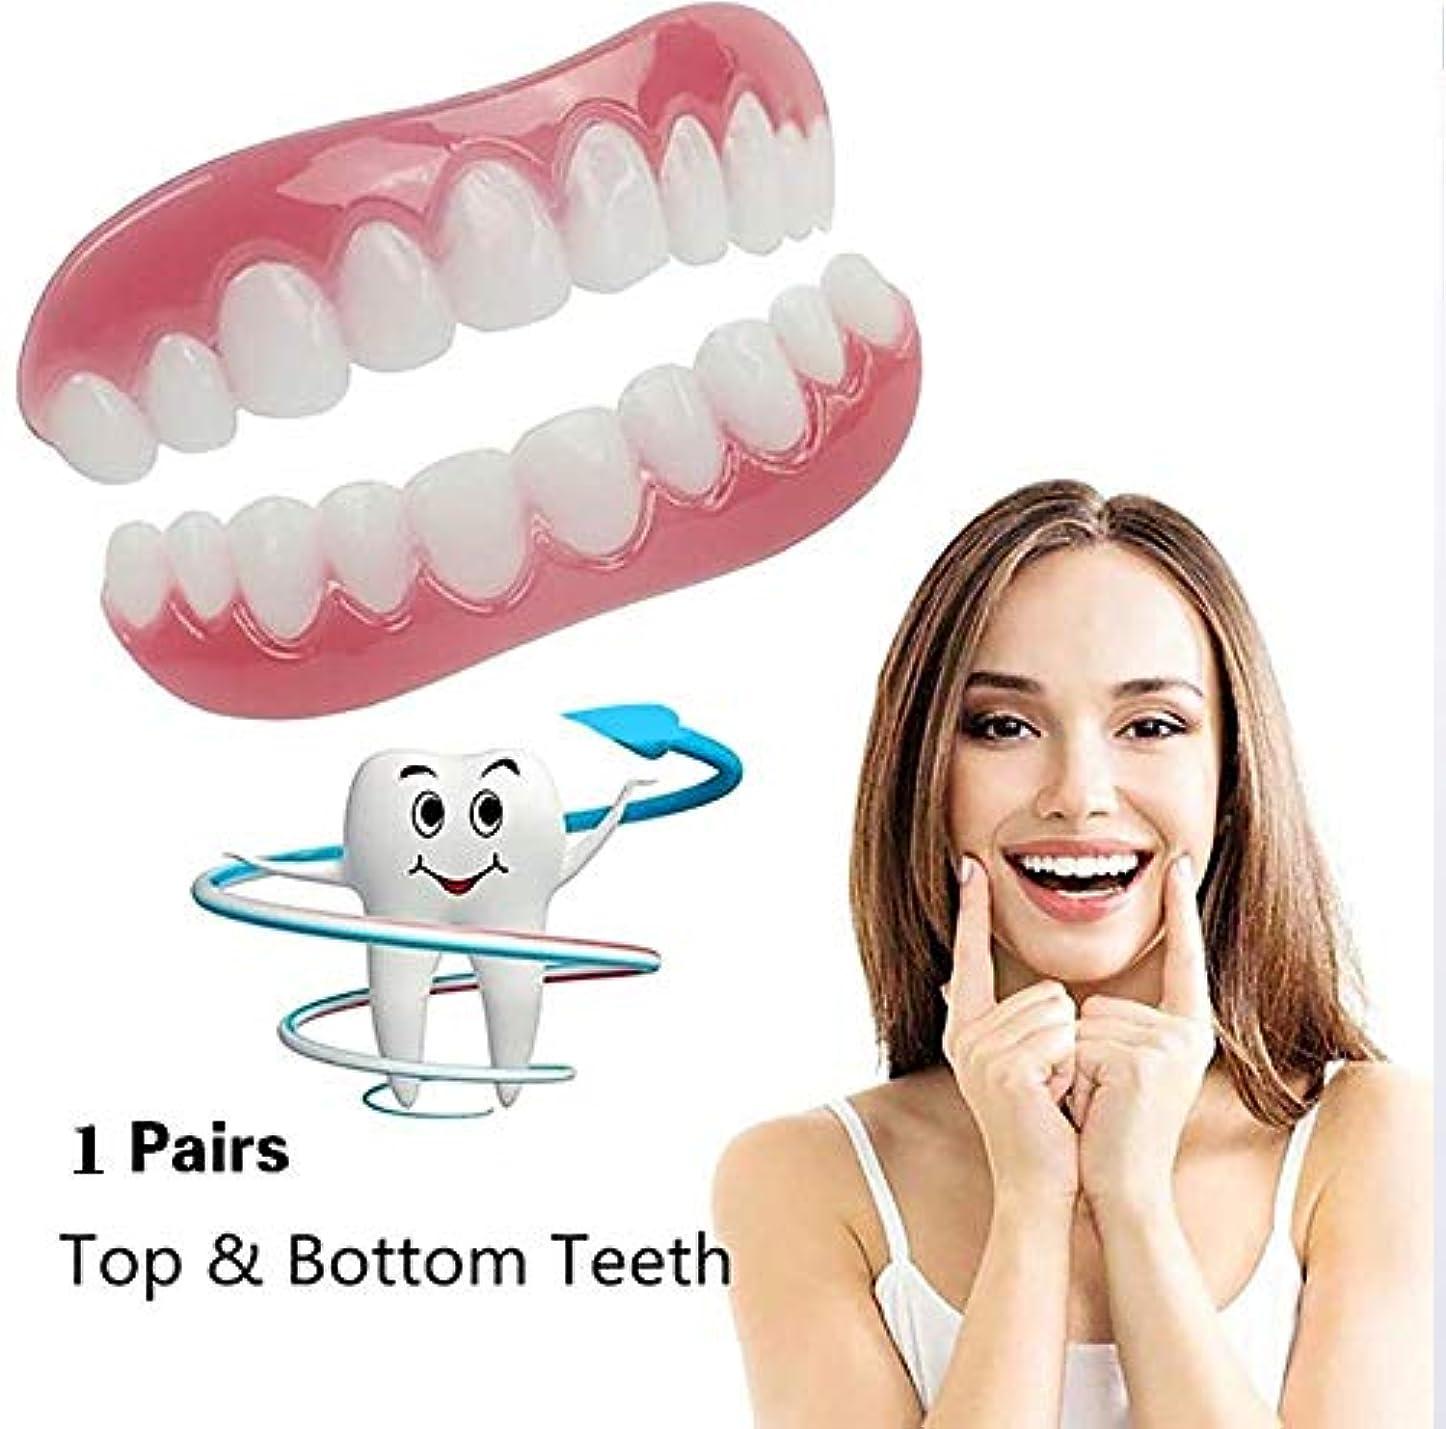 保護する許すトロイの木馬パーフェクトインスタントスマイルティースベニアインスタント美容義歯上下歯2個入り(フリーサイズ(中)